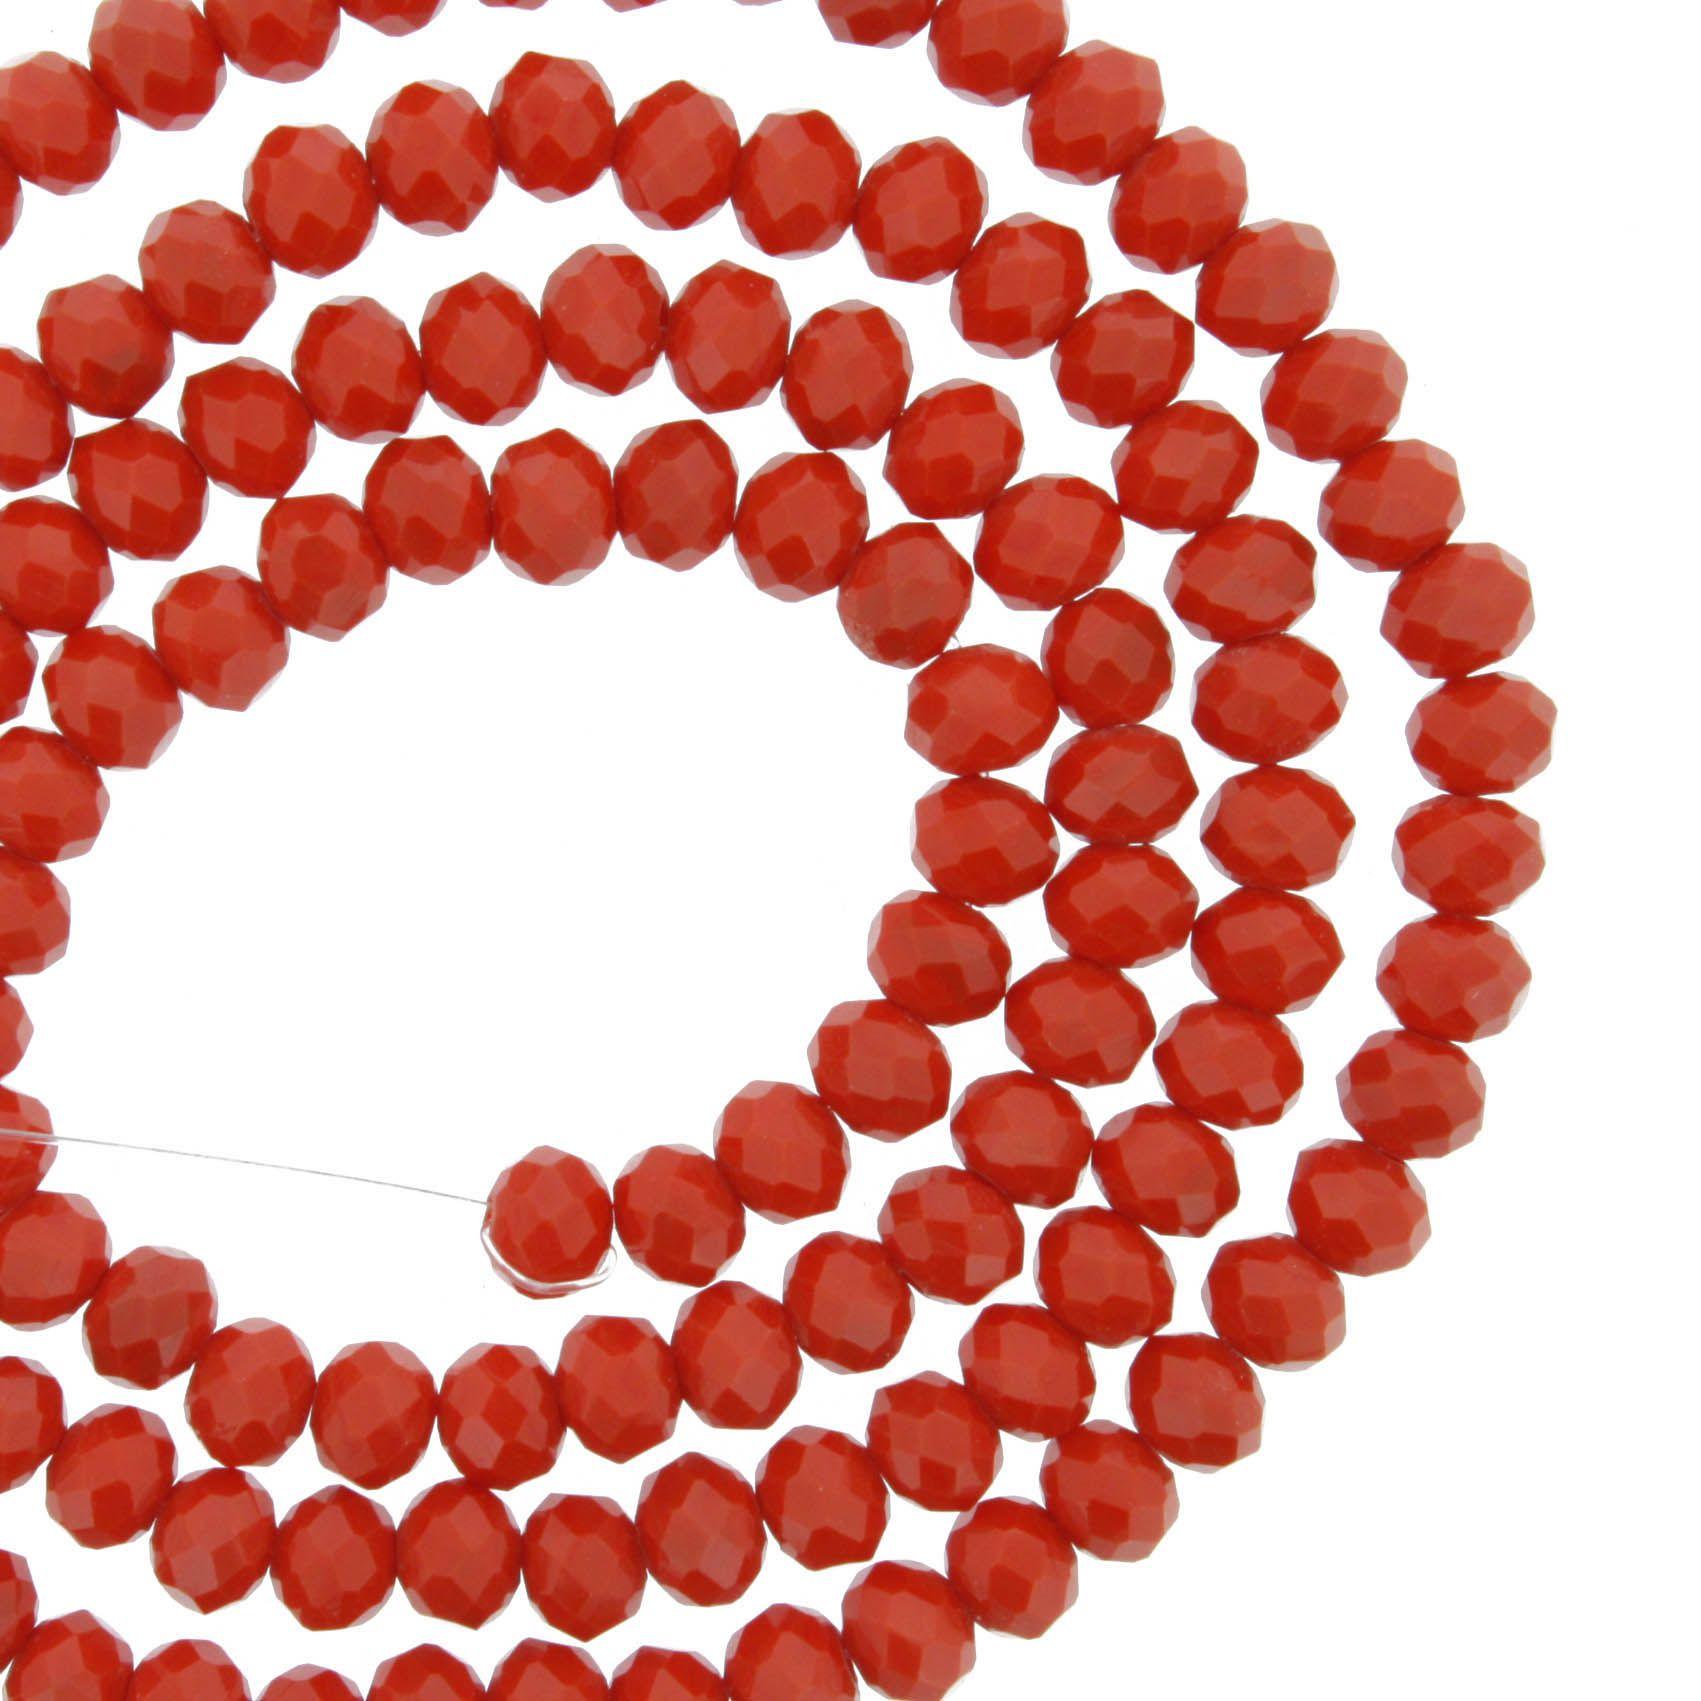 Fio de Cristal - Flat® - Vermelho - 4mm  - Stéphanie Bijoux® - Peças para Bijuterias e Artesanato